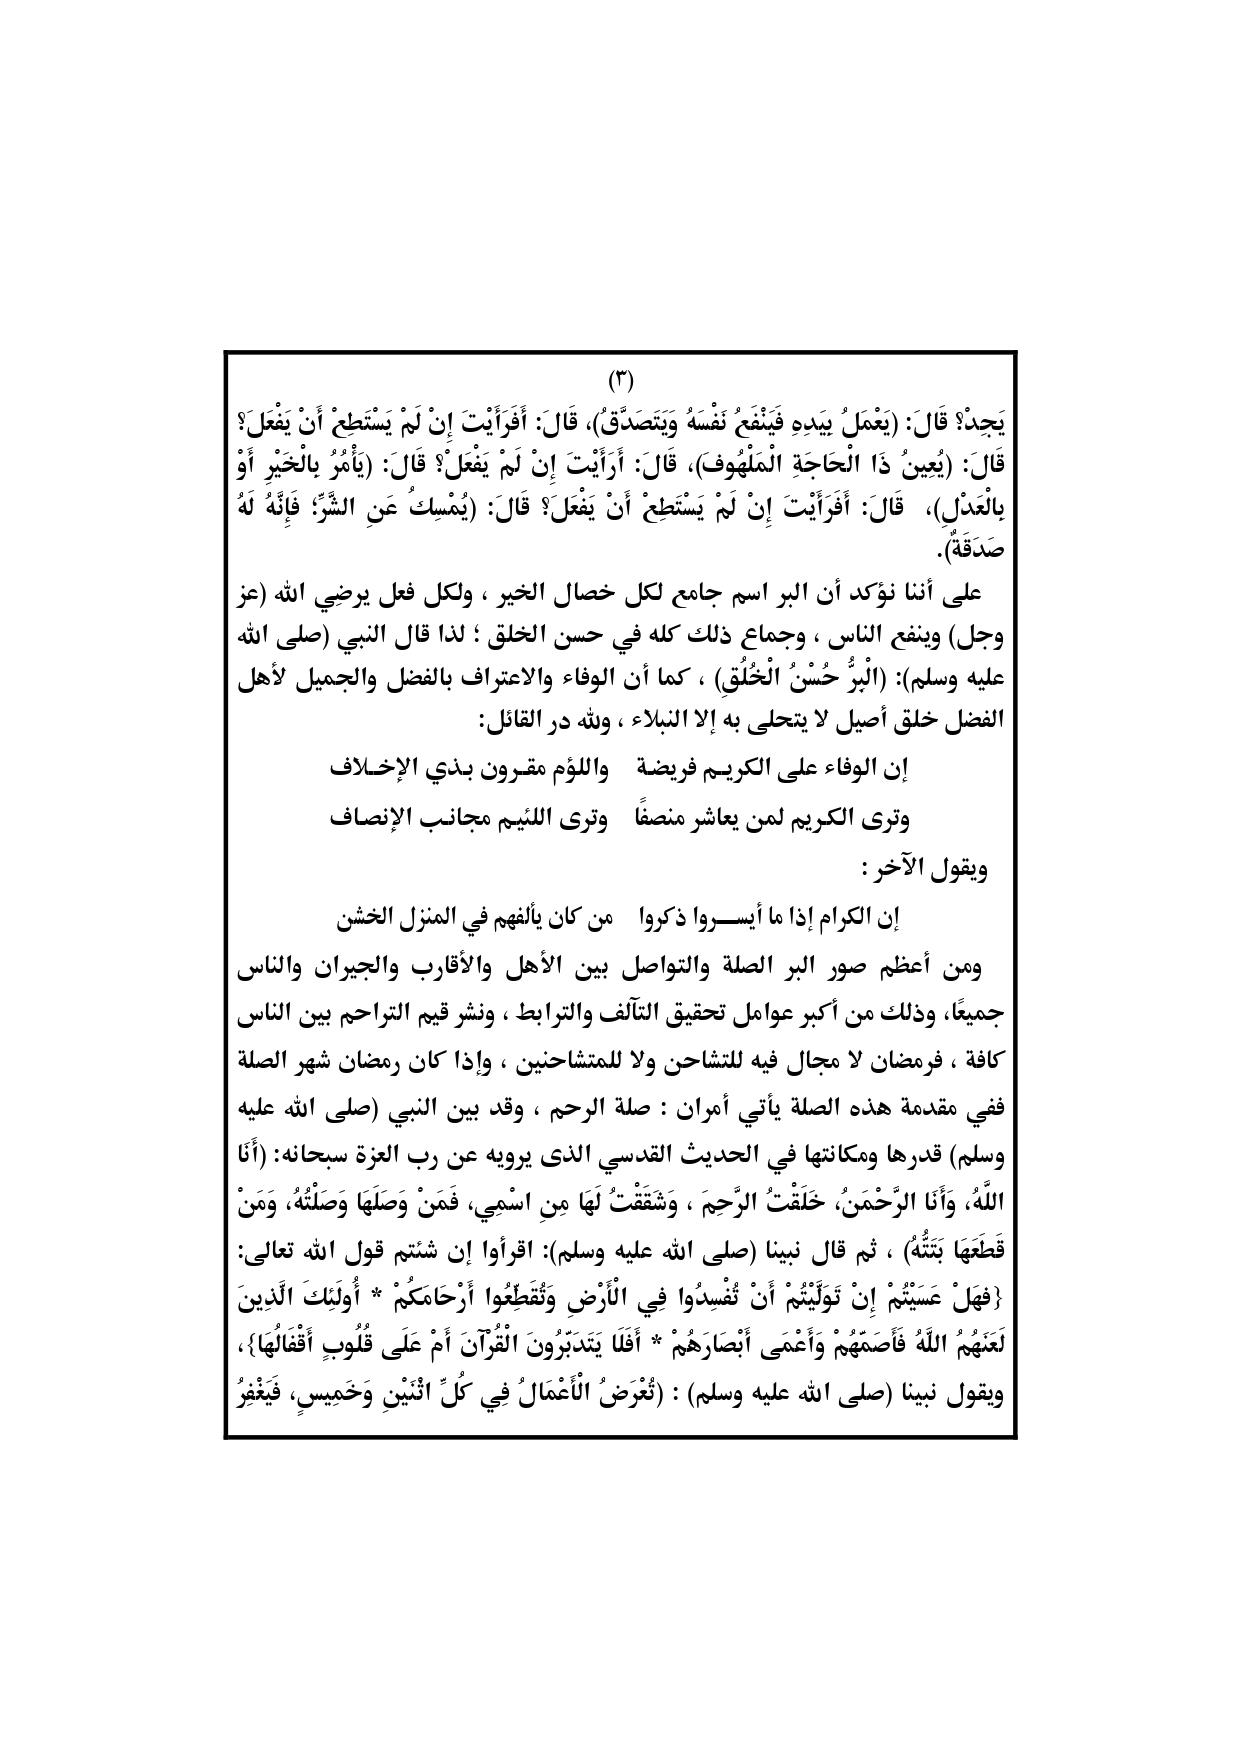 خطبة جمعة عن رمضان مكتوبة